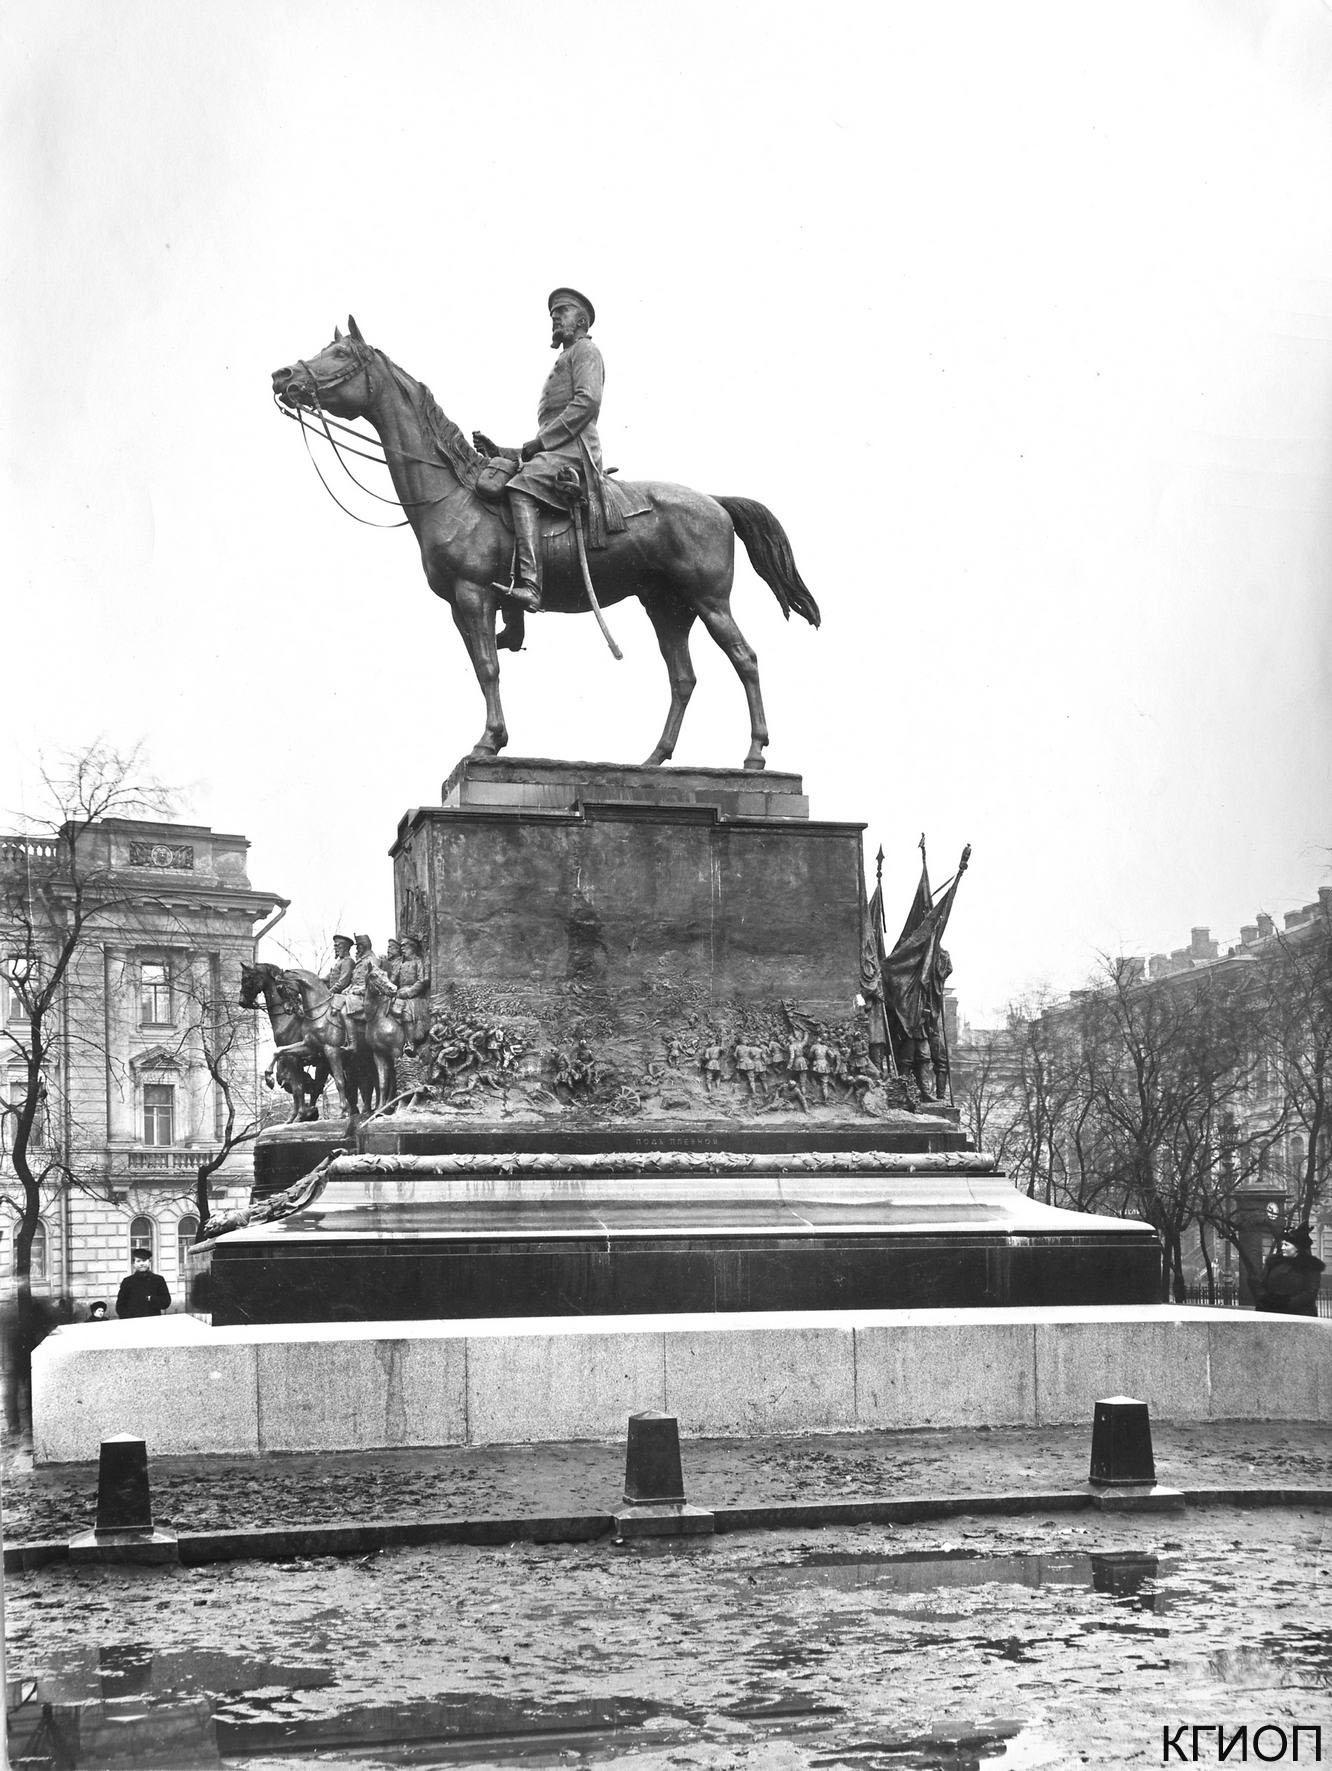 17. Памятник великому князю Николаю Николаевичу на Манежной площади. 1915